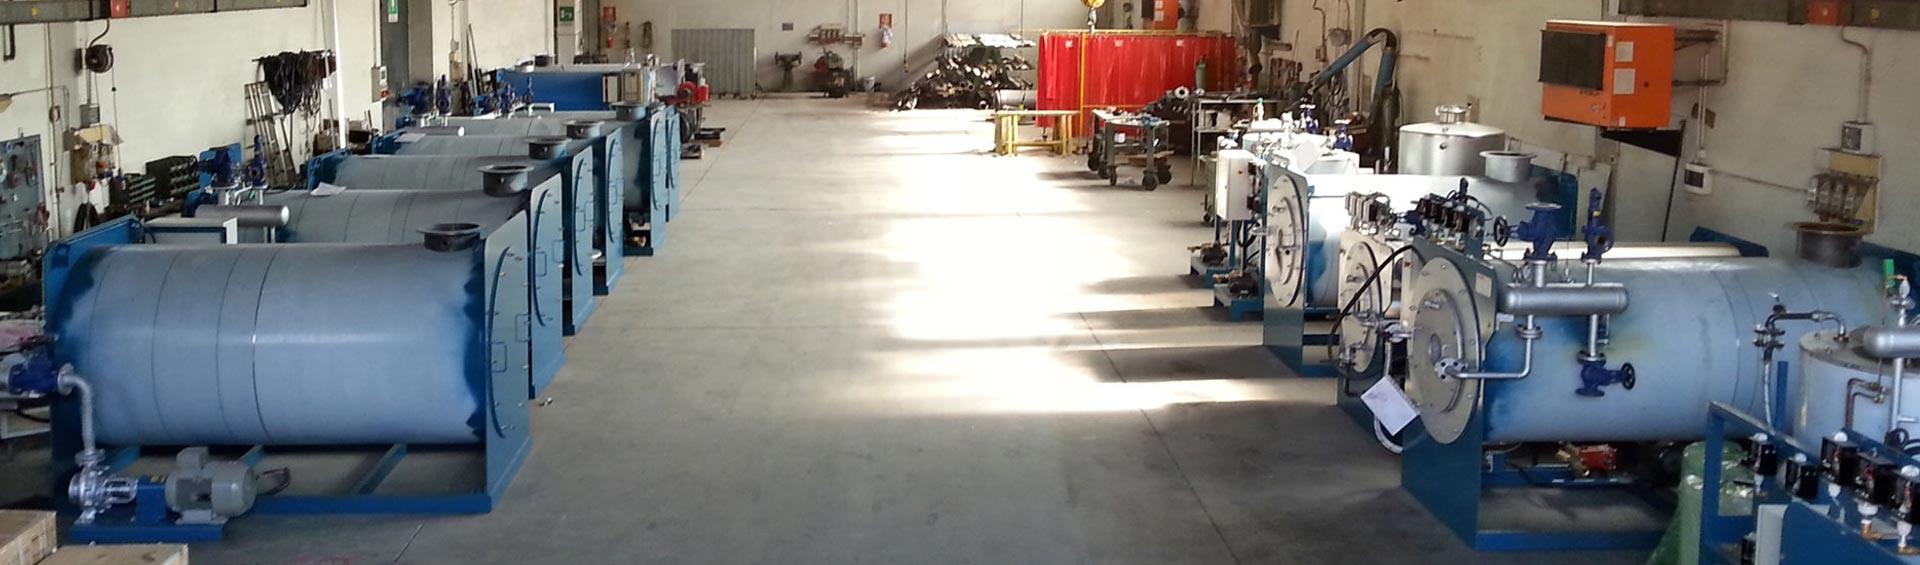 Caldaie a vapore in produzione